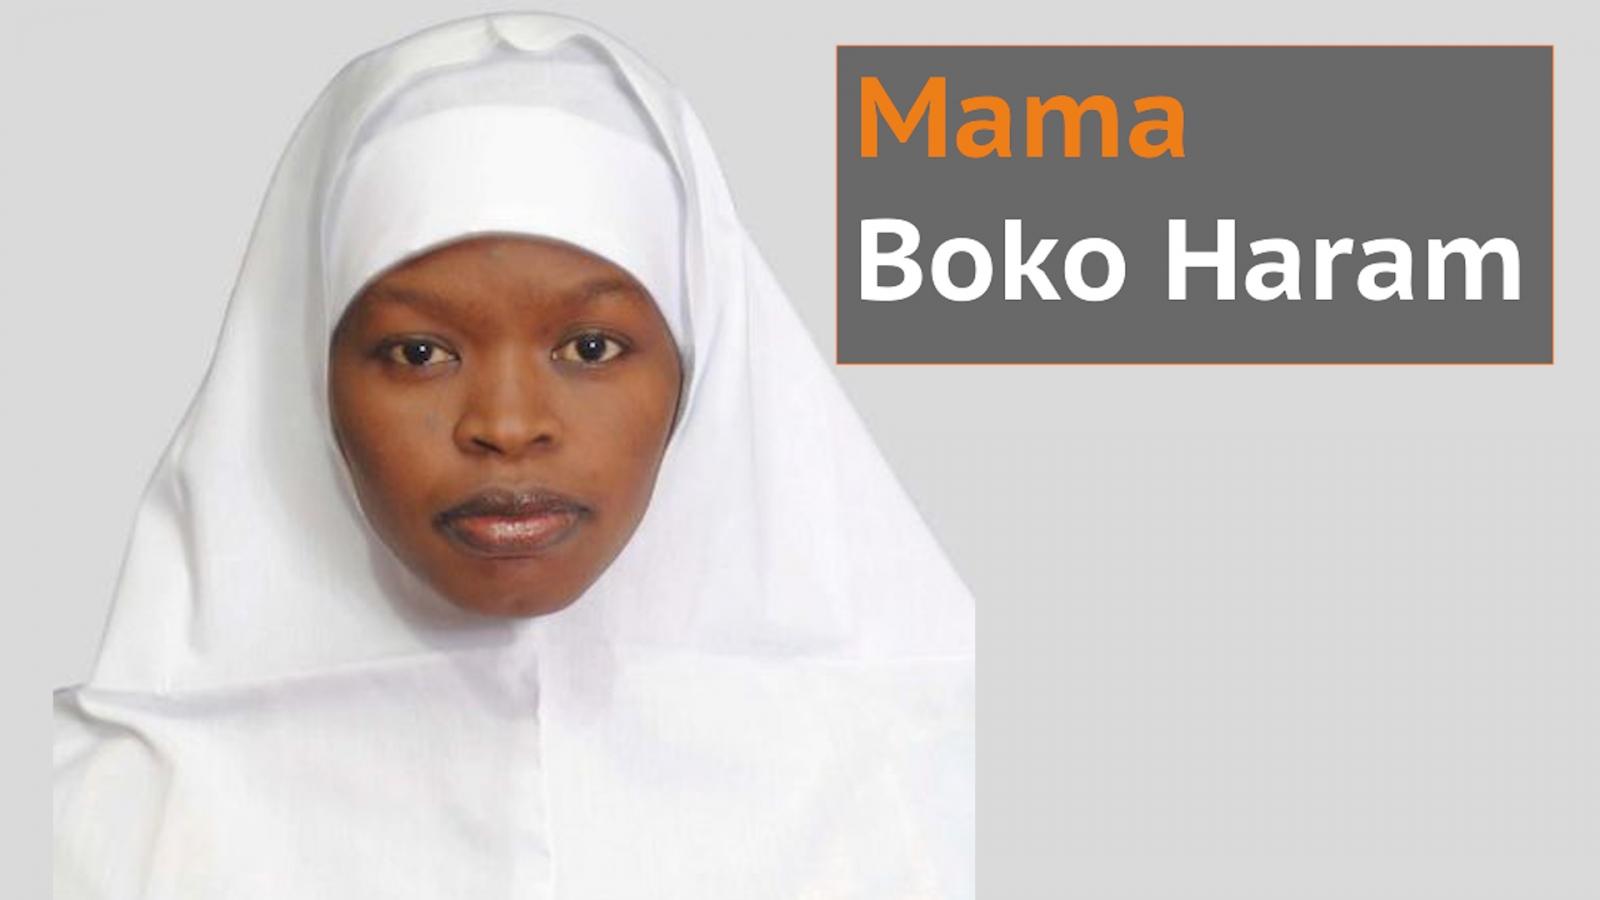 Mama Boko Haram seeks peace deal